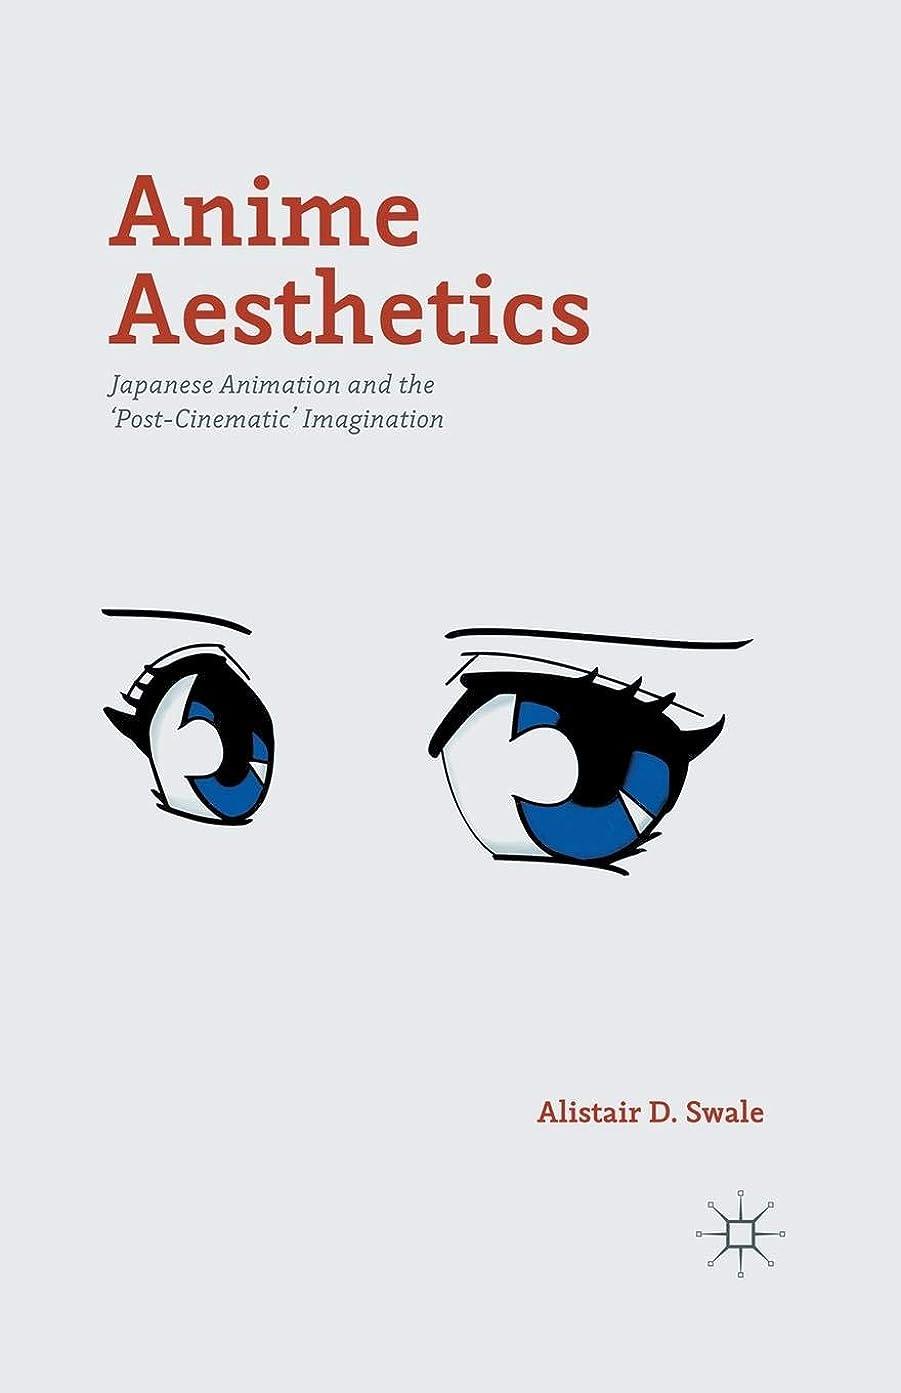 マウントバンクバージン基準Anime Aesthetics: Japanese Animation and the 'Post-Cinematic' Imagination